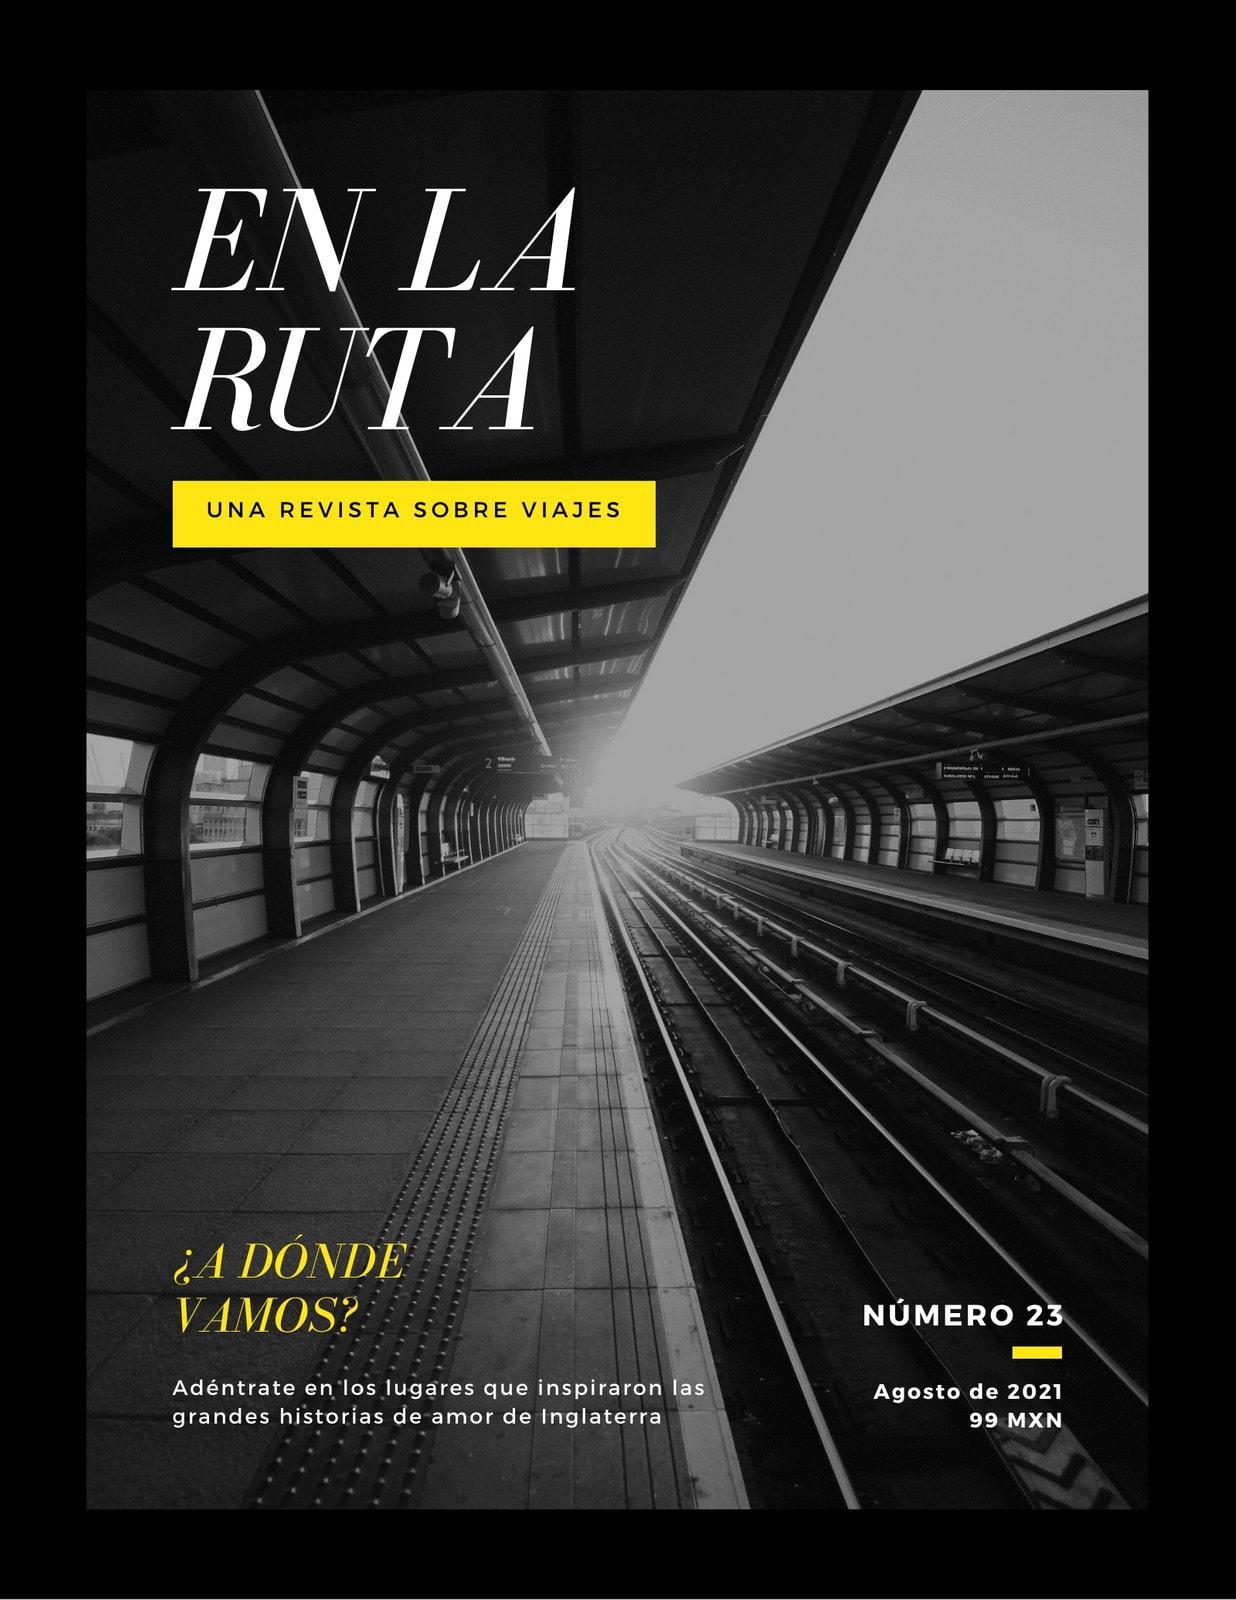 Negro Estación de Ferrocarril Moderno Viajes Revista